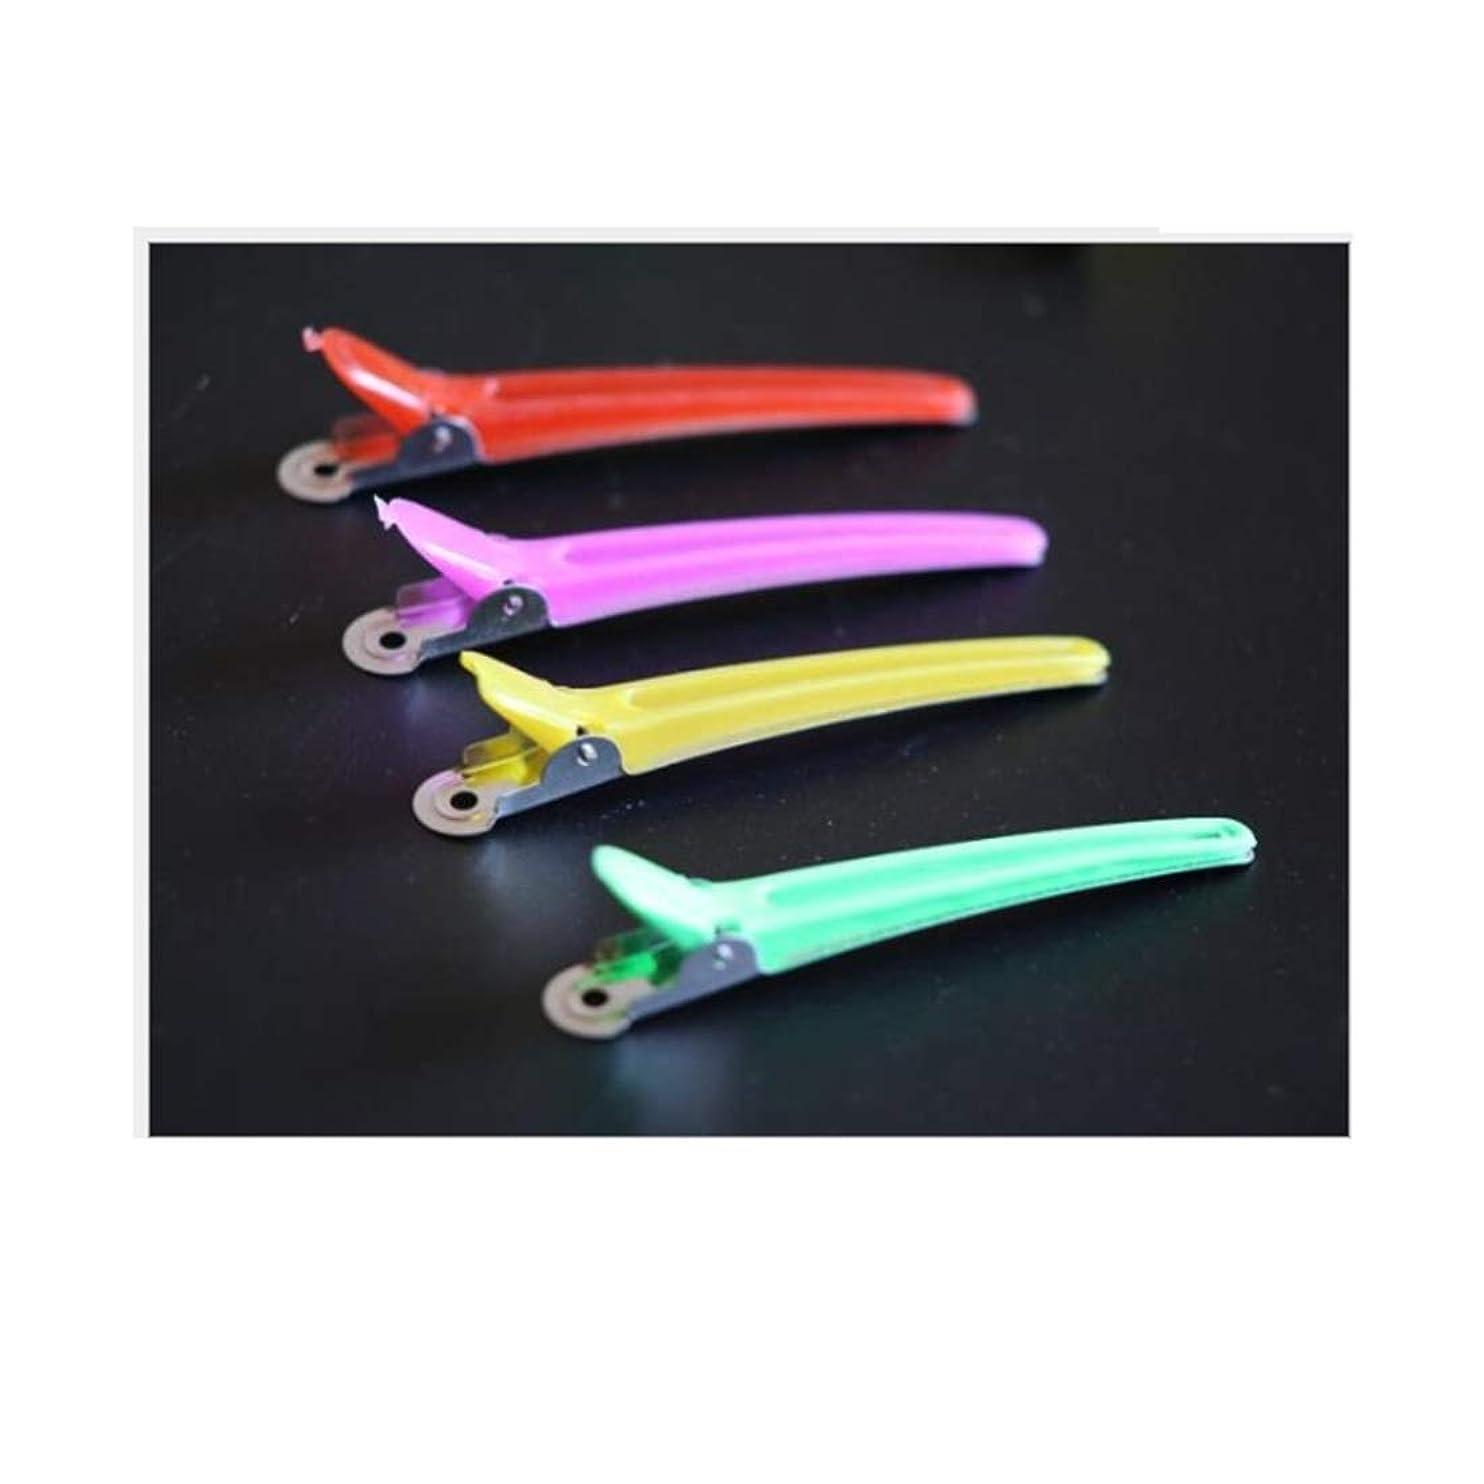 抵抗力があるオール例示する100個のヘアクリップ - プロの滑り止め多色プラスチックアヒルの歯は滑り止めの人間工学に基づいたデザインのヘアクリップ - 女性、子供、赤ちゃん、そして女の子のためのワニのヘアスタイリング。 ヘアケア (色 : Mutiple color)